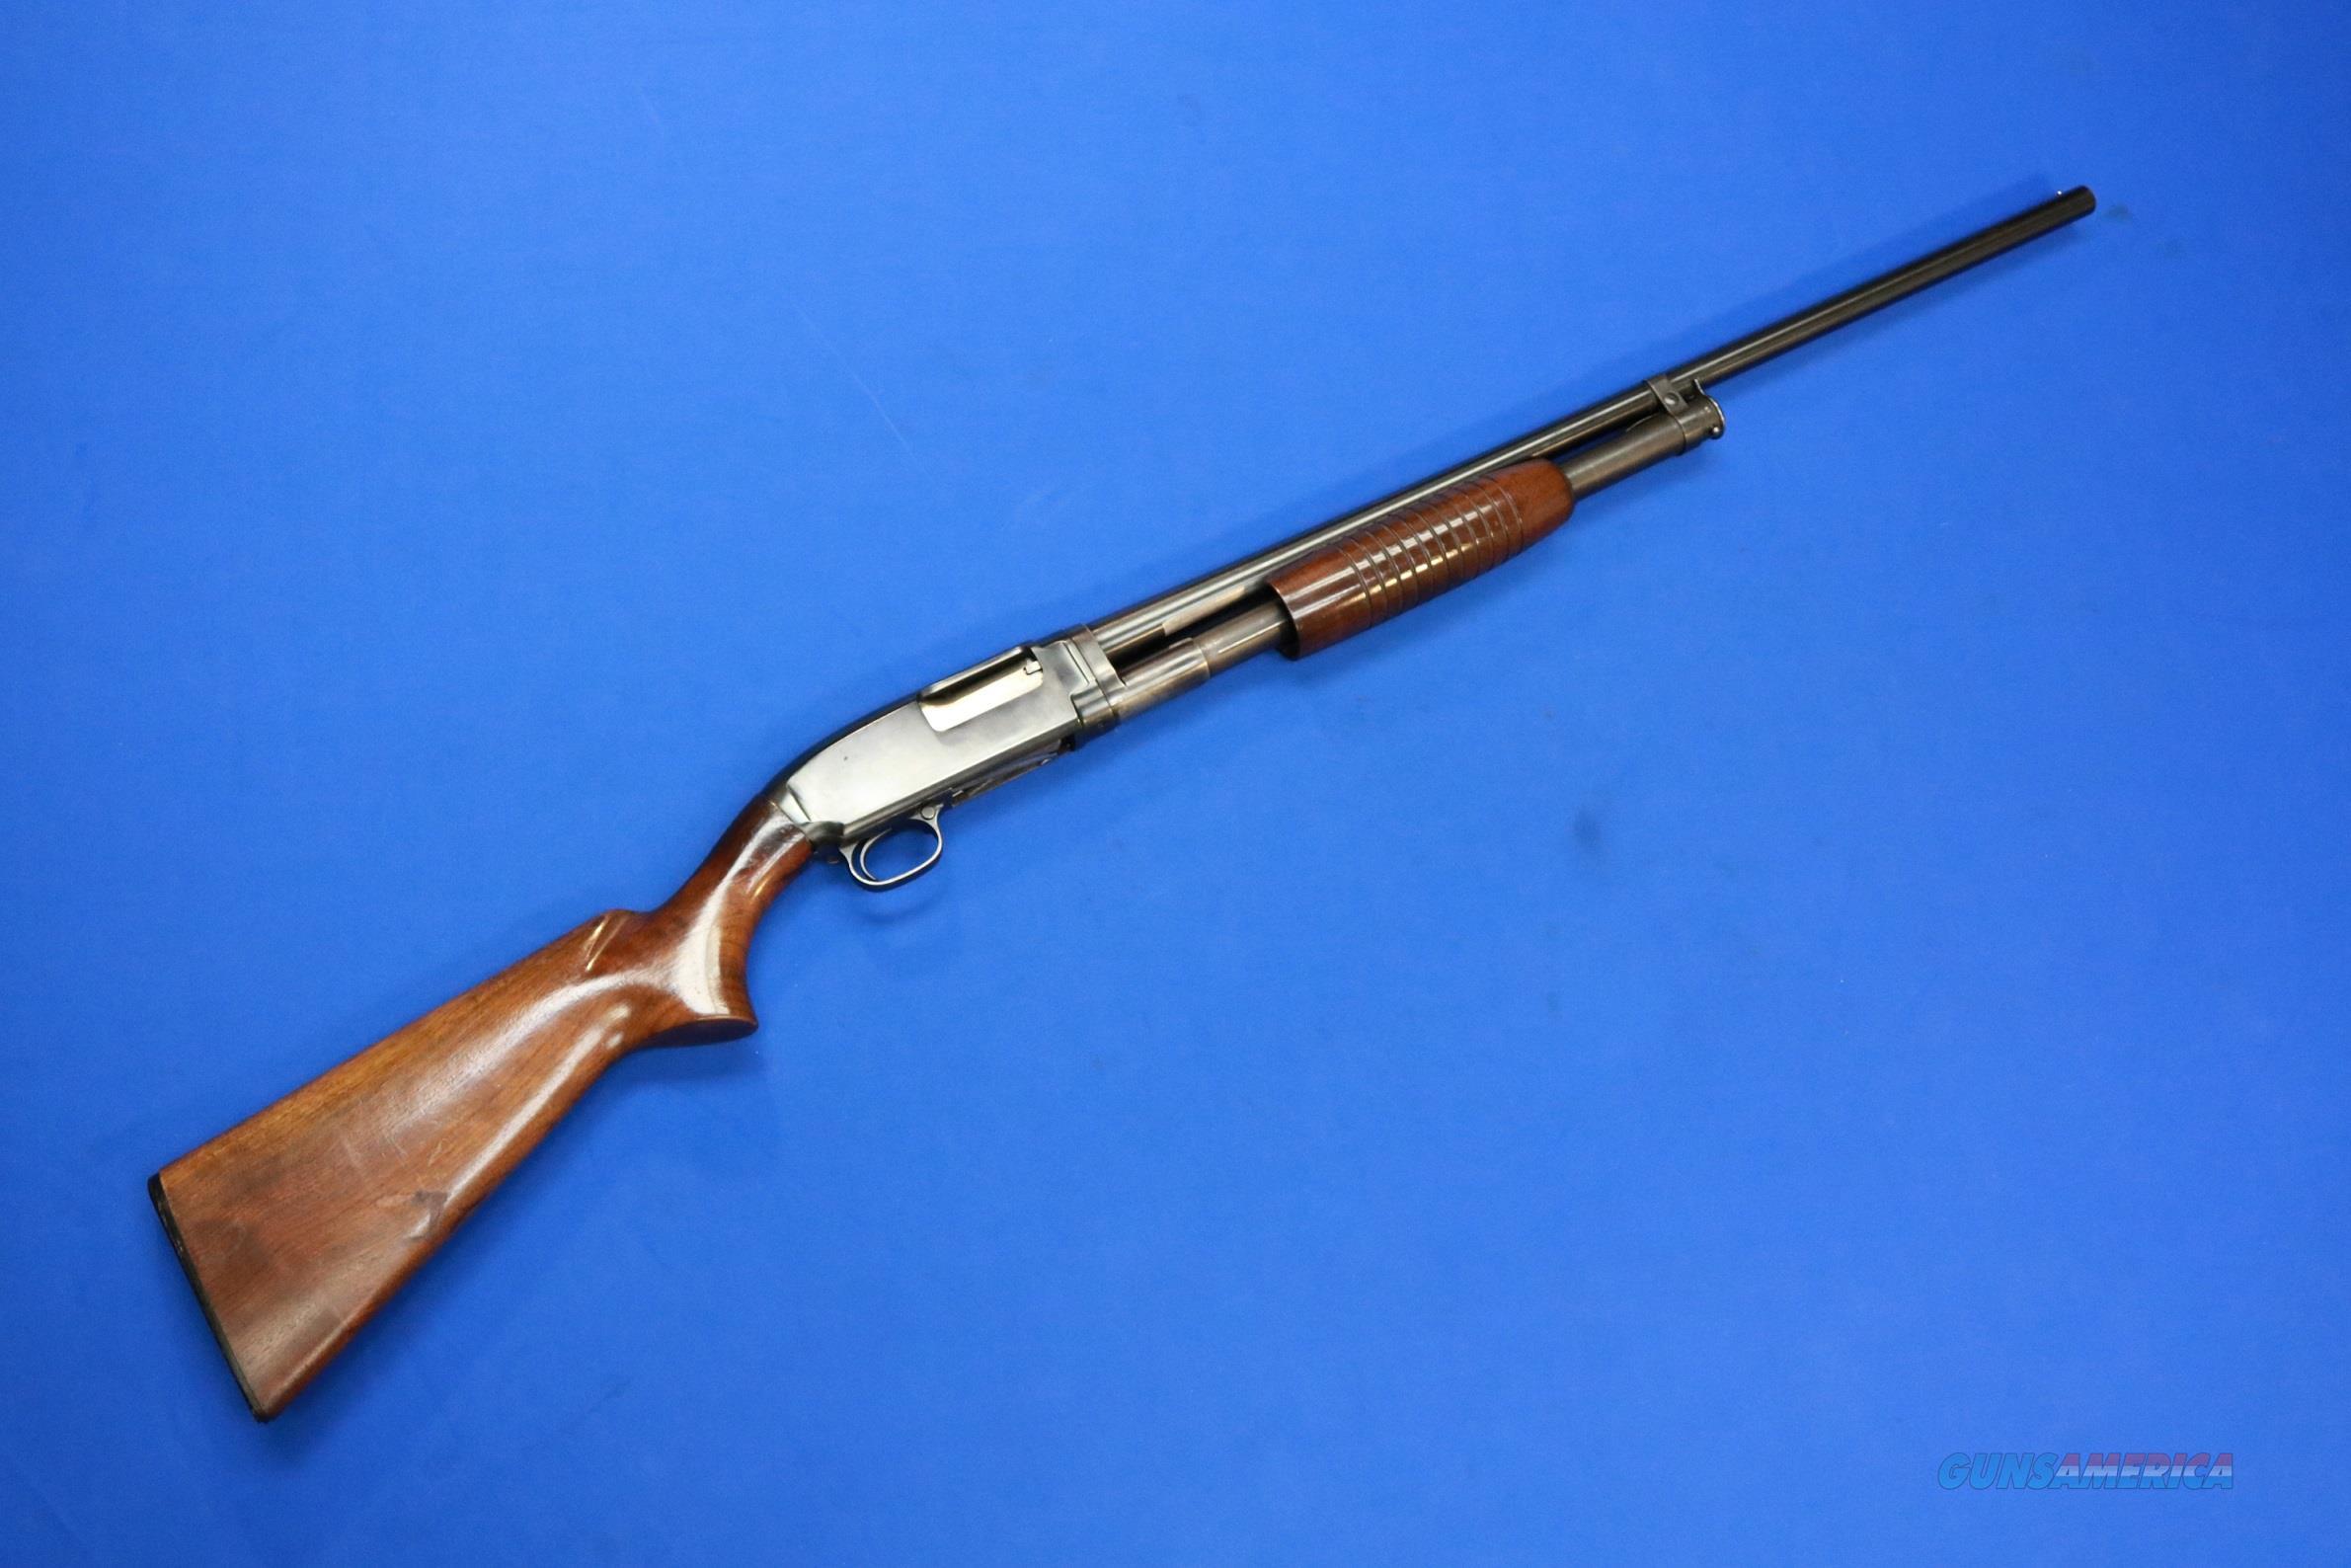 WINCHESTER MODEL 12 PUMP 16 GAUGE - 1960 Mfg.  Guns > Shotguns > Winchester Shotguns - Modern > Pump Action > Hunting